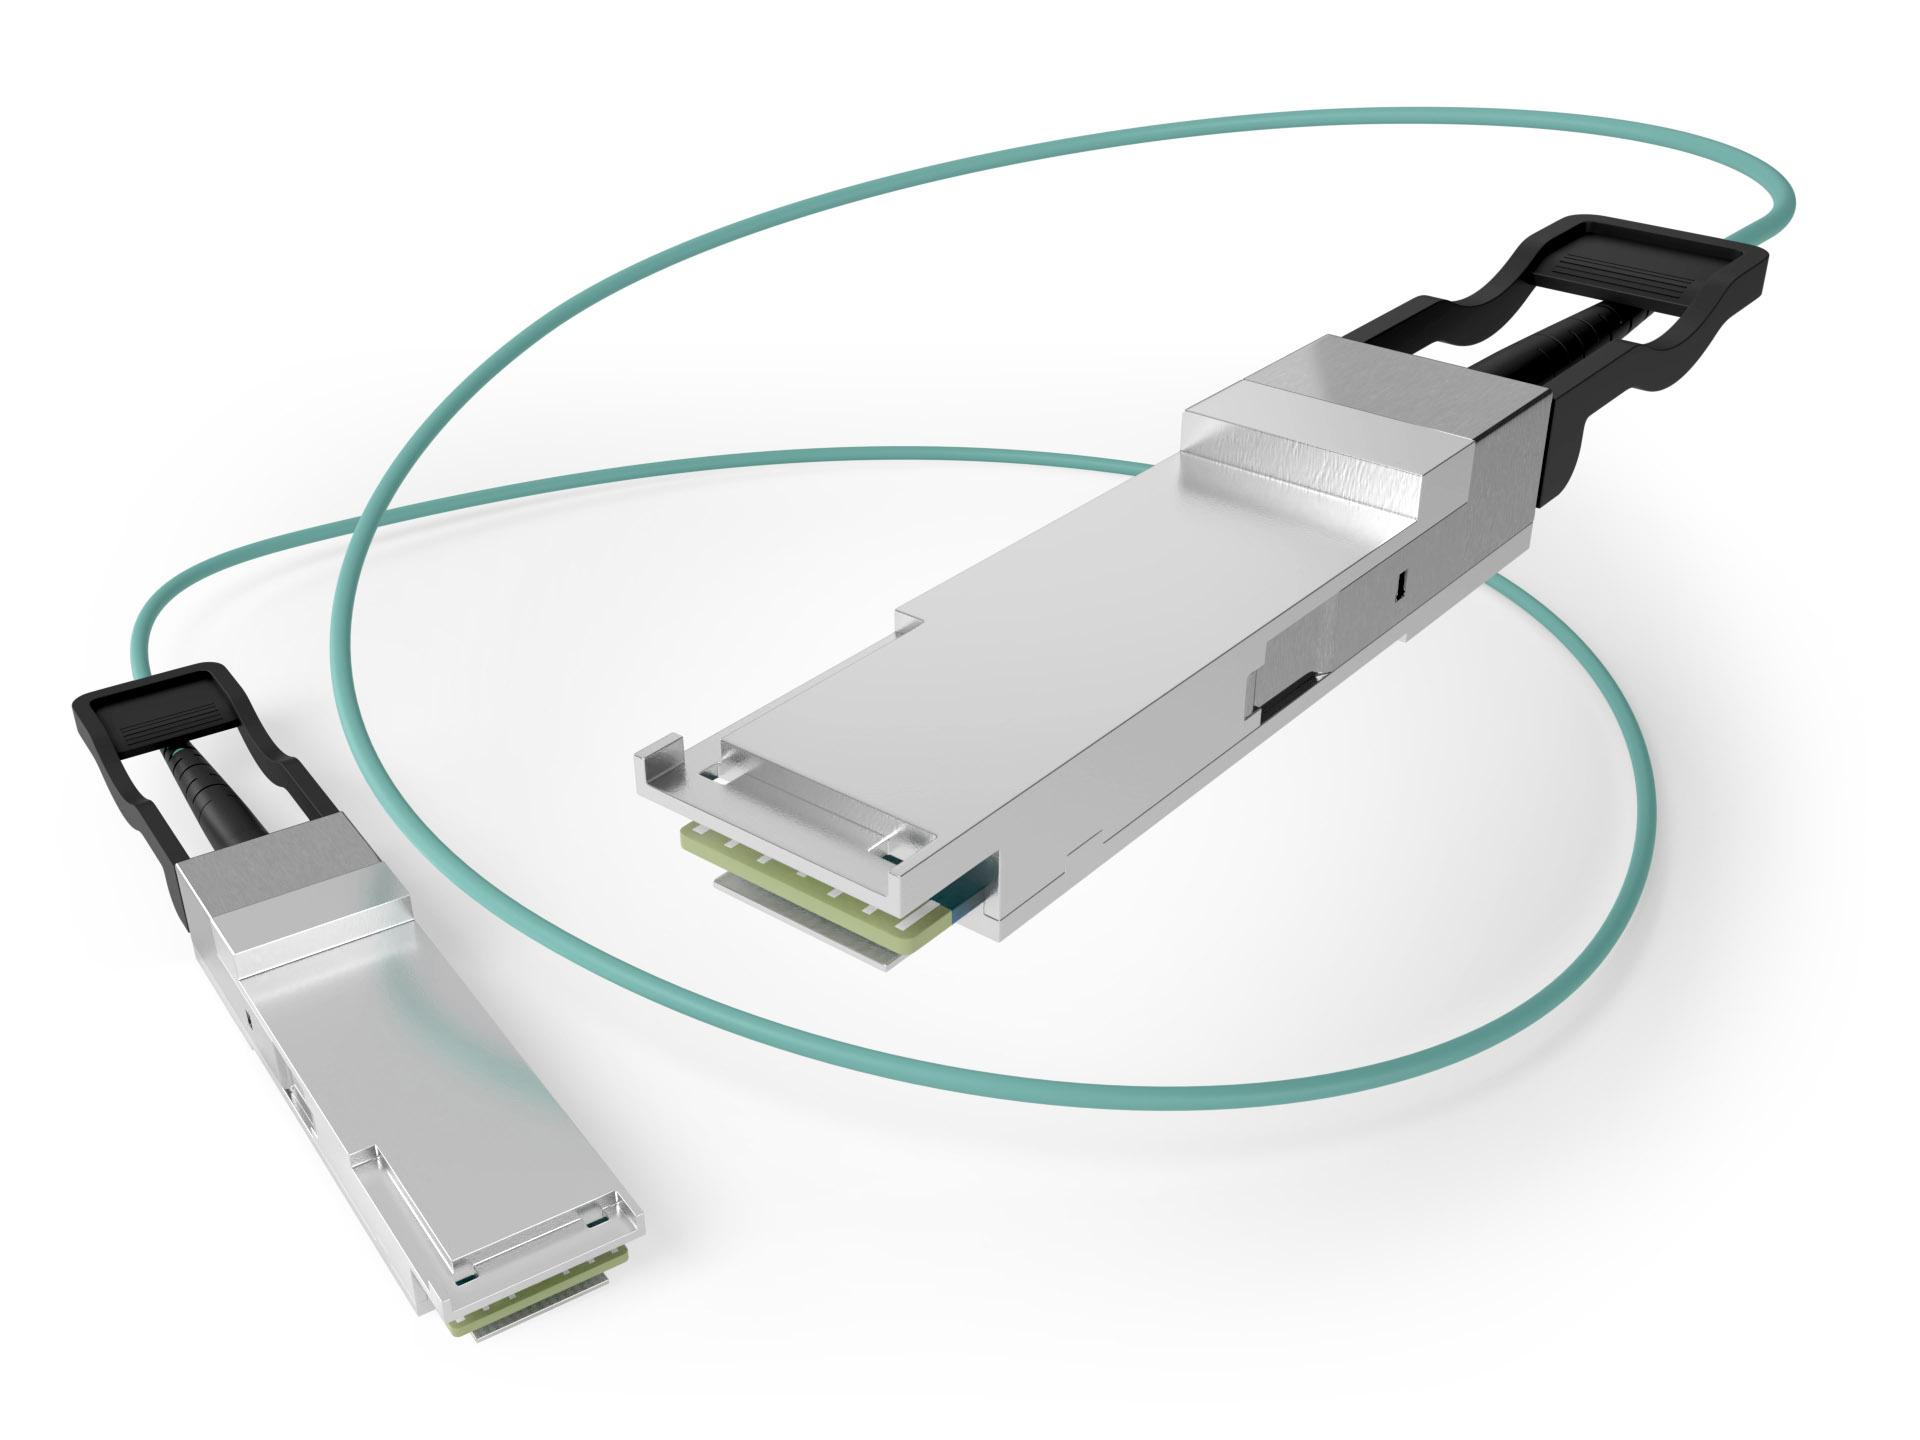 QSFP+ AOC Cables